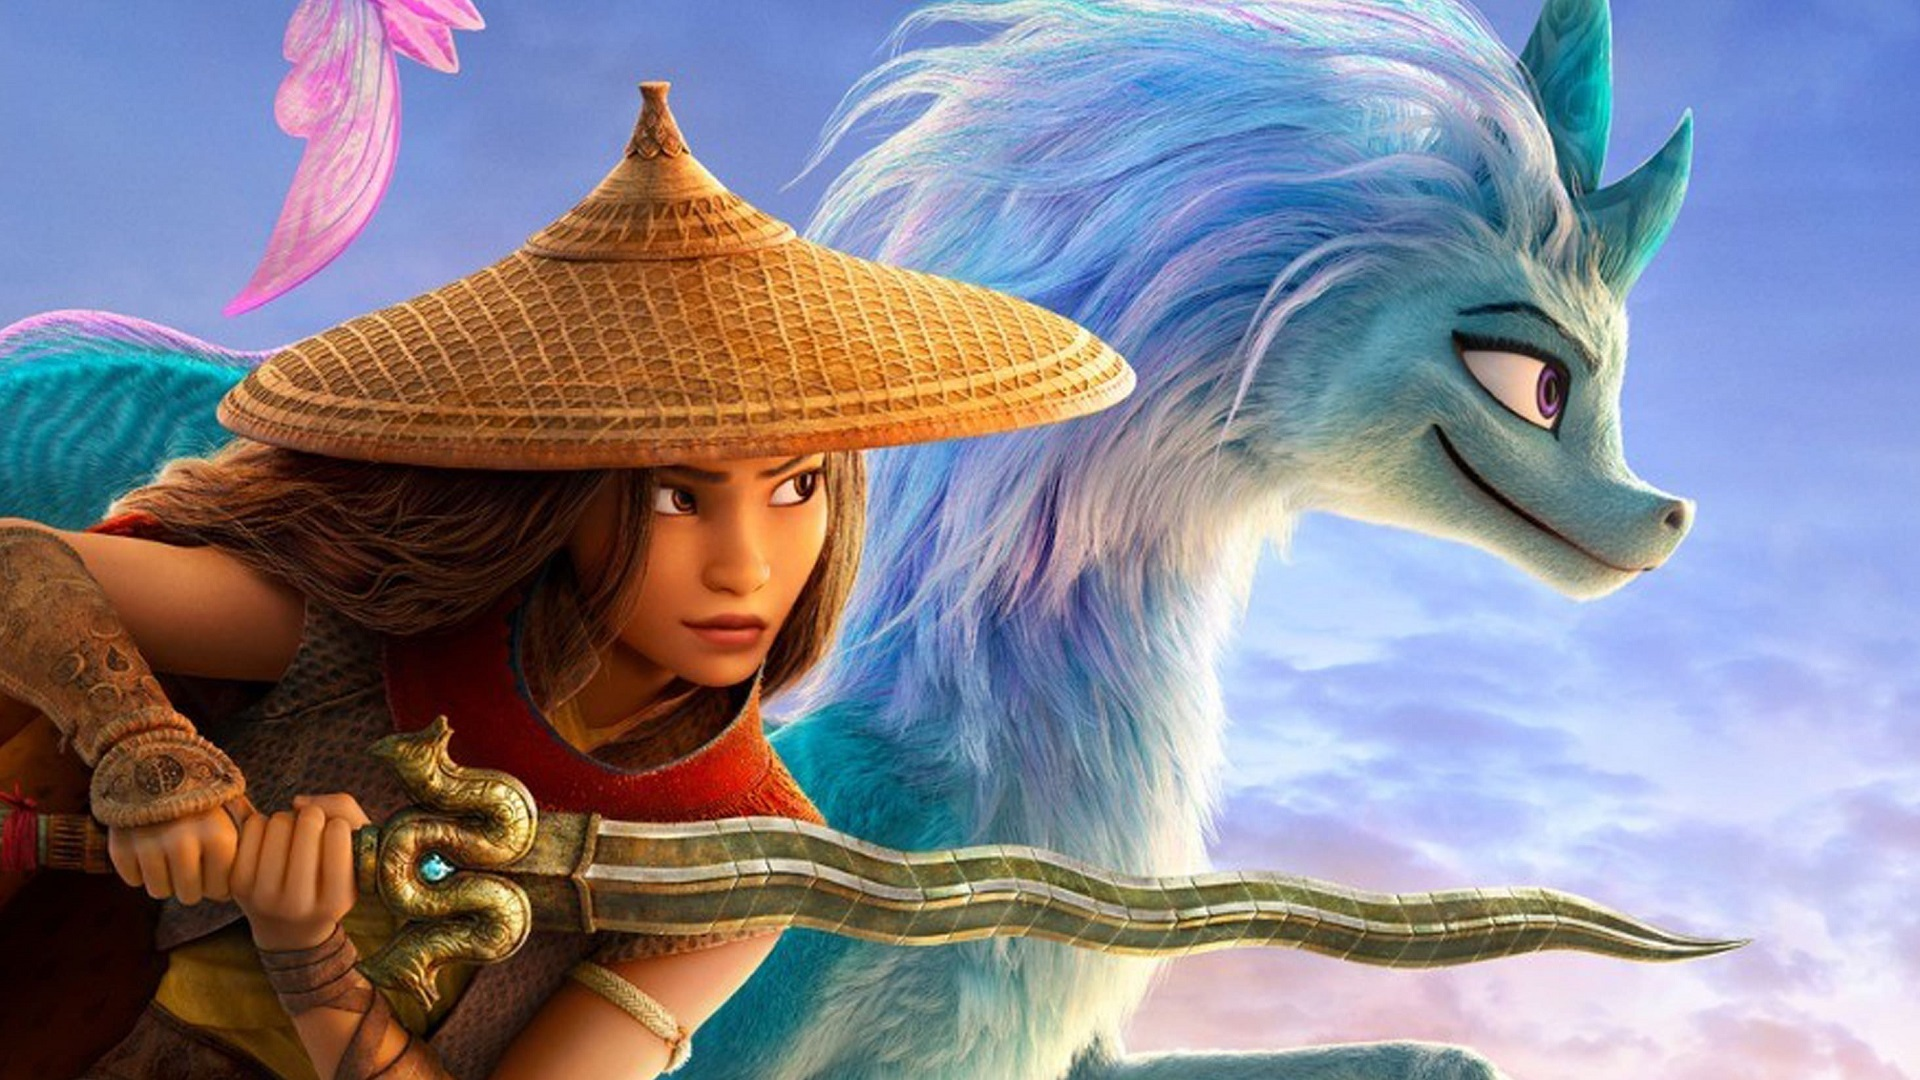 Cuánto cuesta Raya y el Último Dragón en Disney Plus y cómo verla gratis